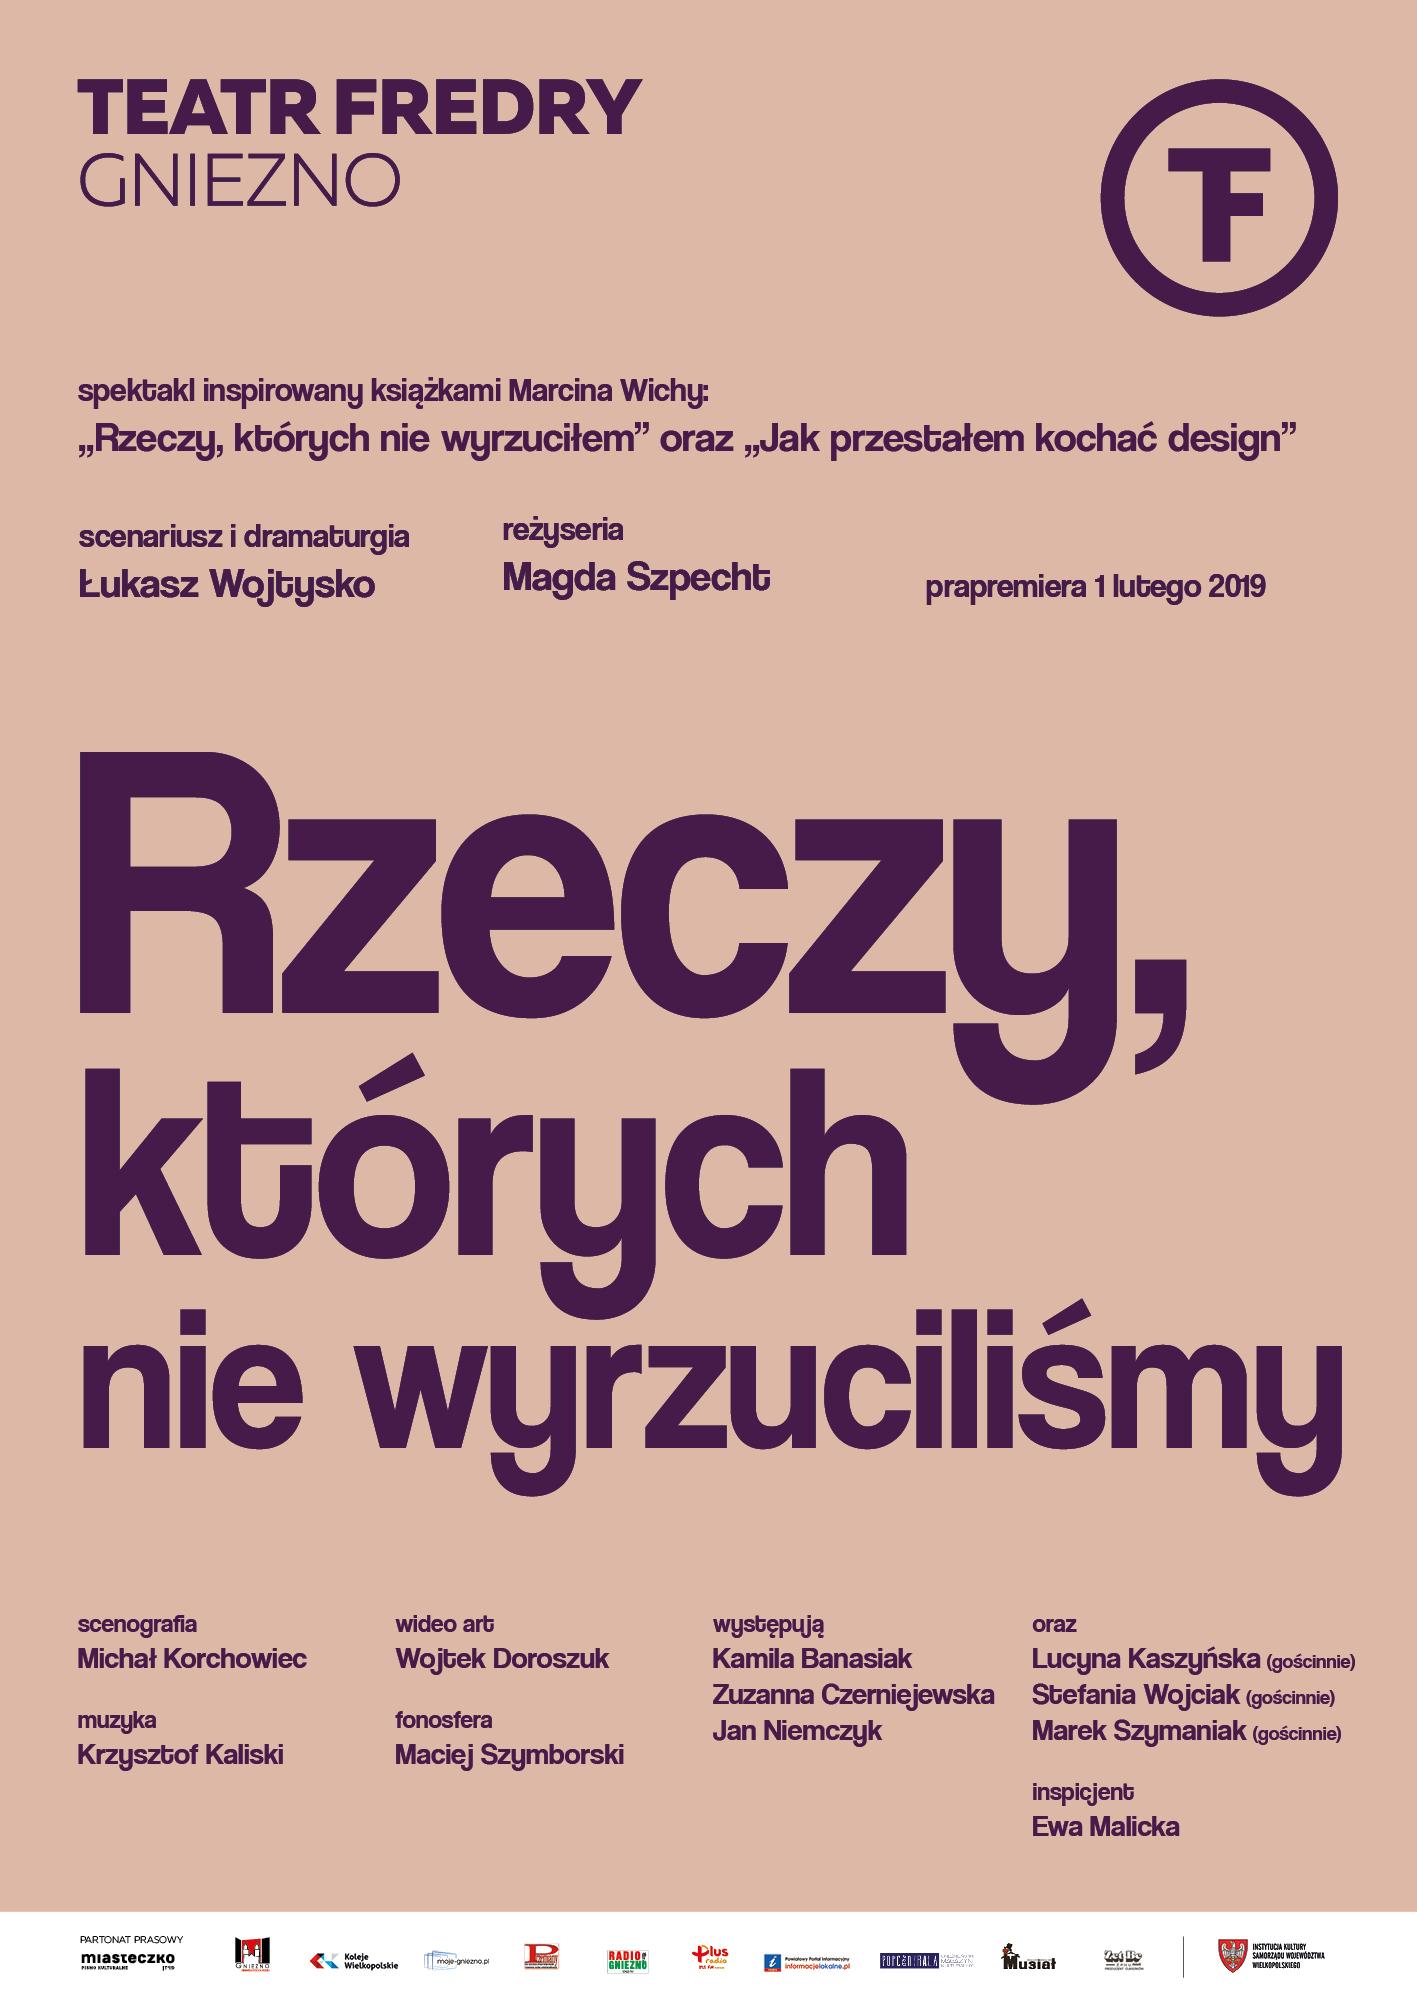 Rzeczy, których nie wyrzuciliśmy, reż. Magda Szpecht / SNF 2019